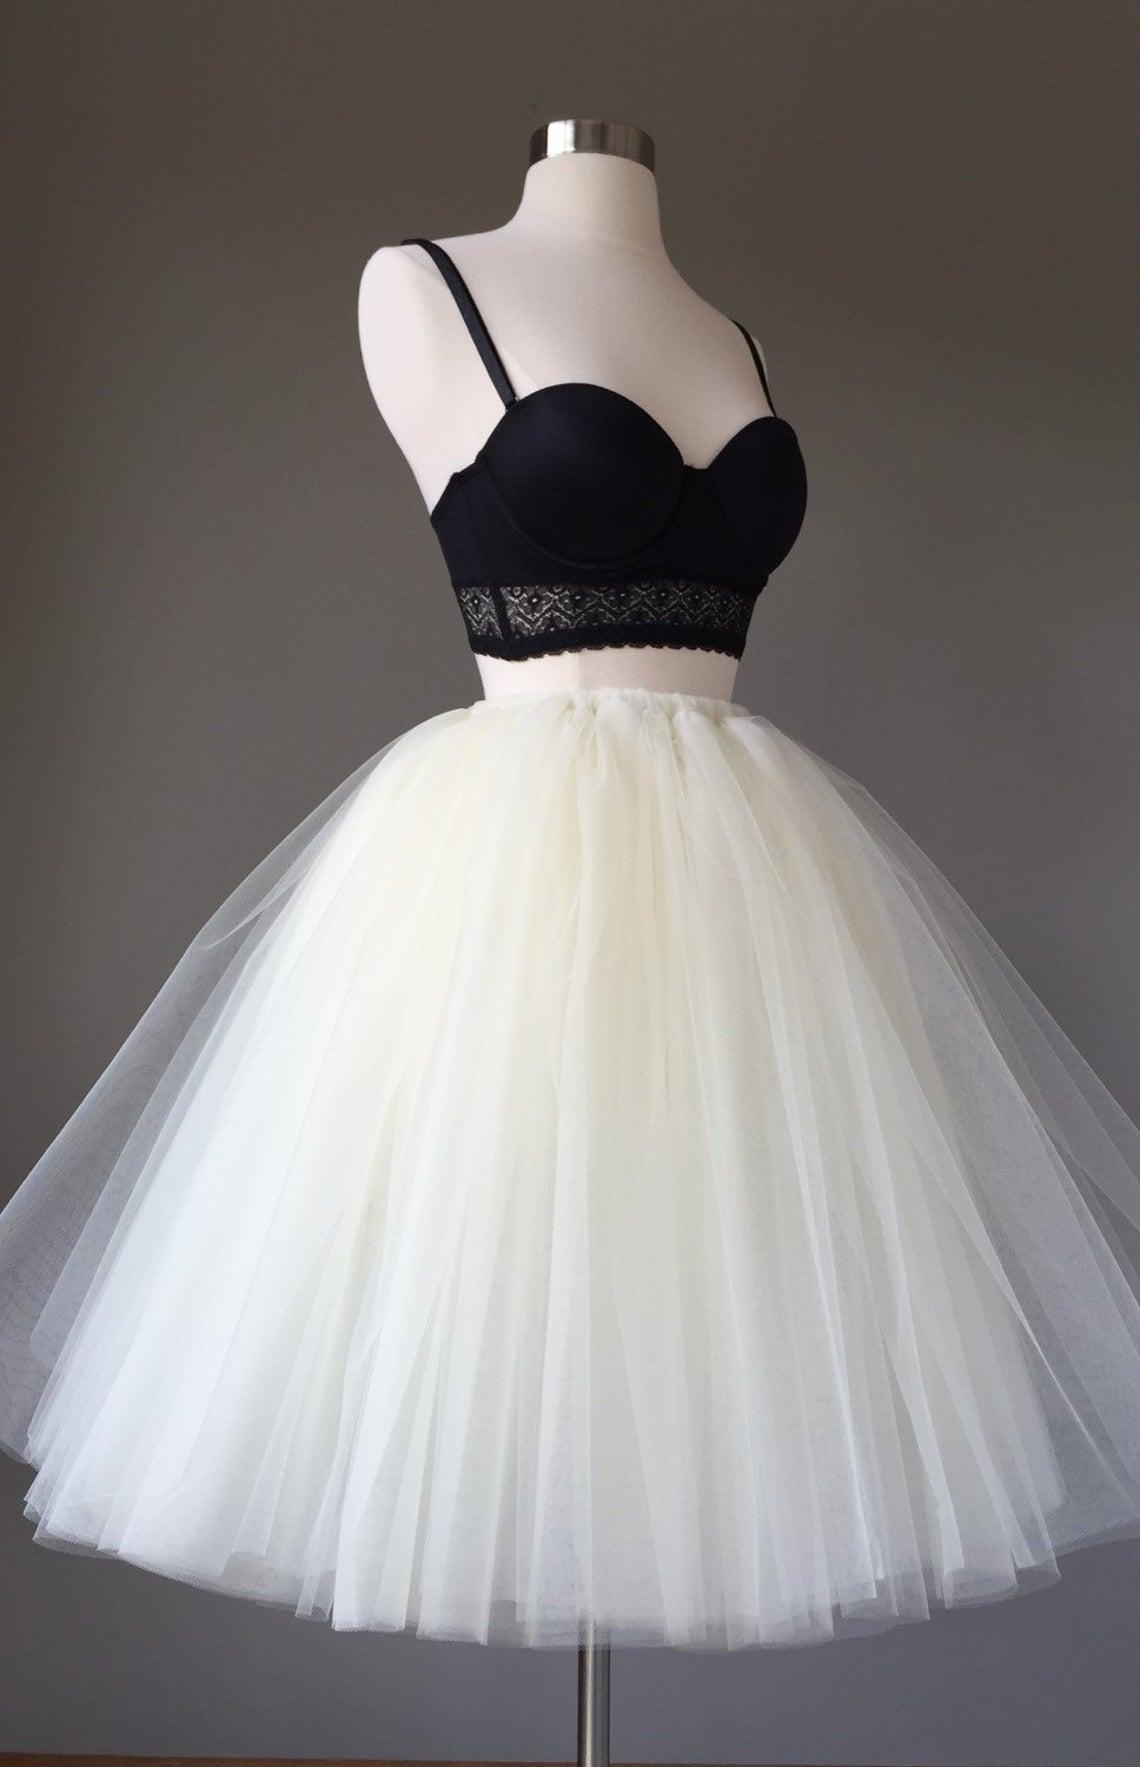 Light ivory Tulle skirt- adult tutu, 8 layer tulle skirt, bridal shower tutu